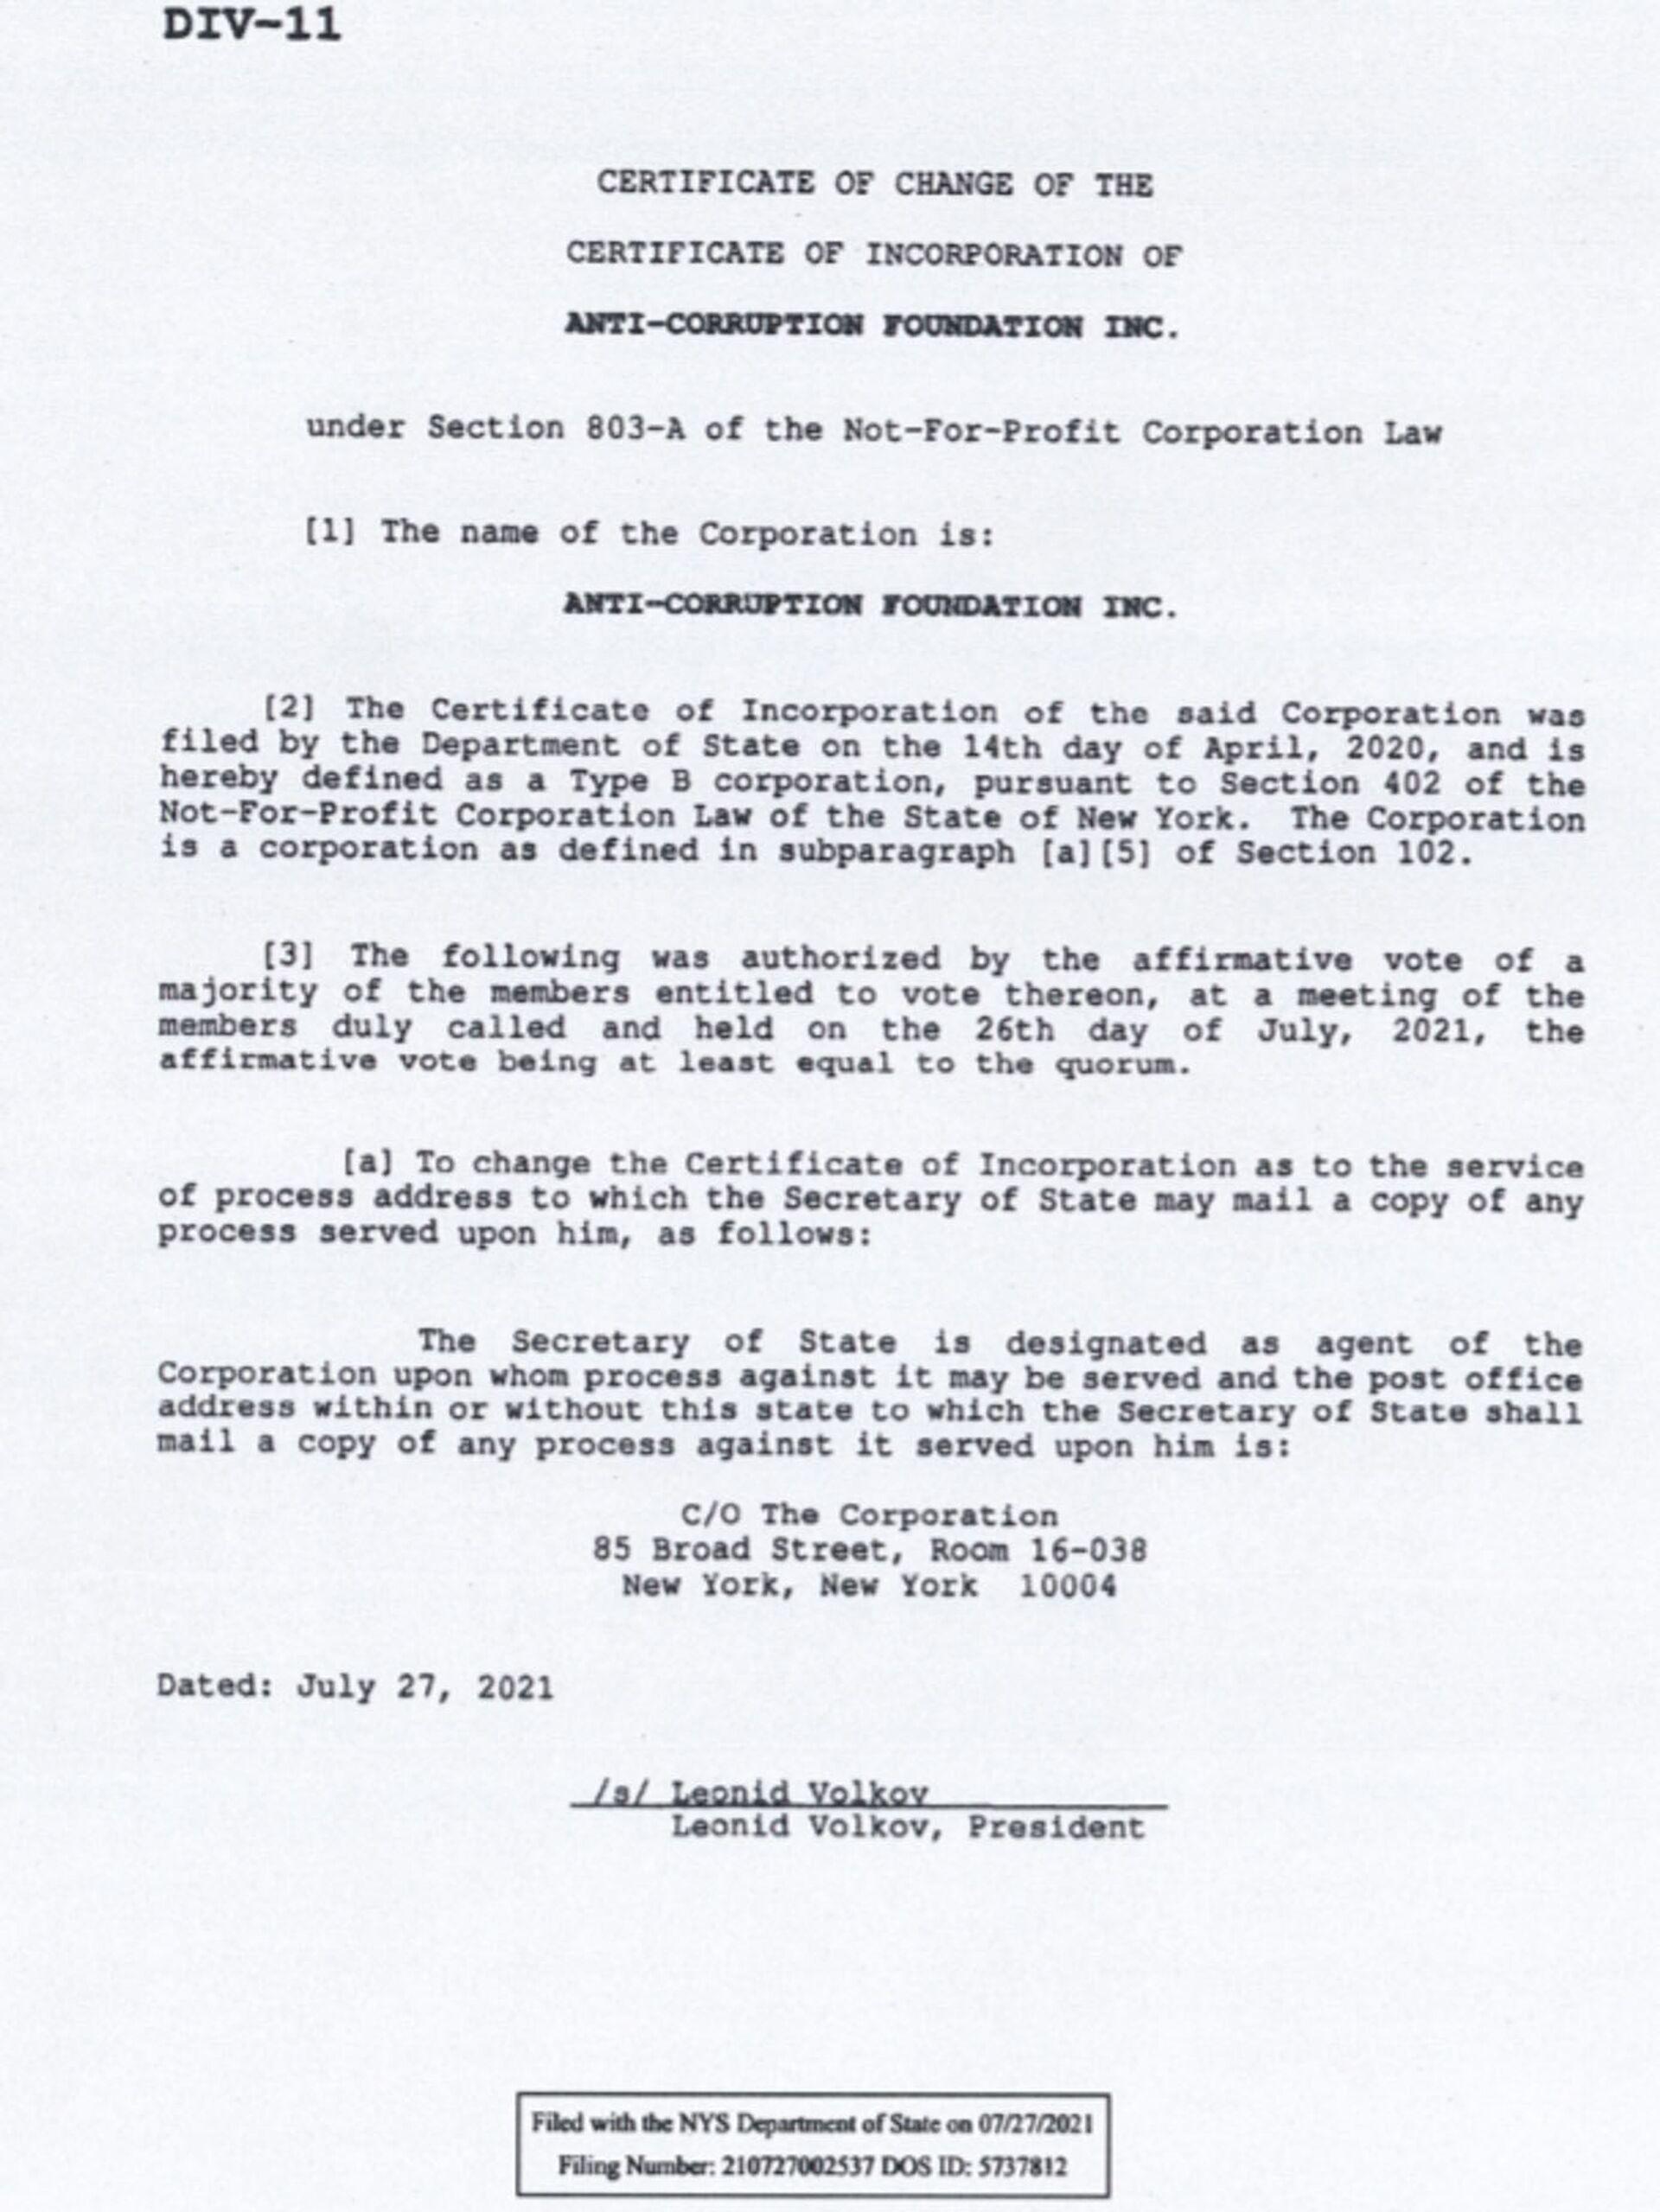 Свидетельство об изменении свидетельства о регистрации антикоррупционного фонда   - Sputnik Абхазия, 1920, 12.10.2021